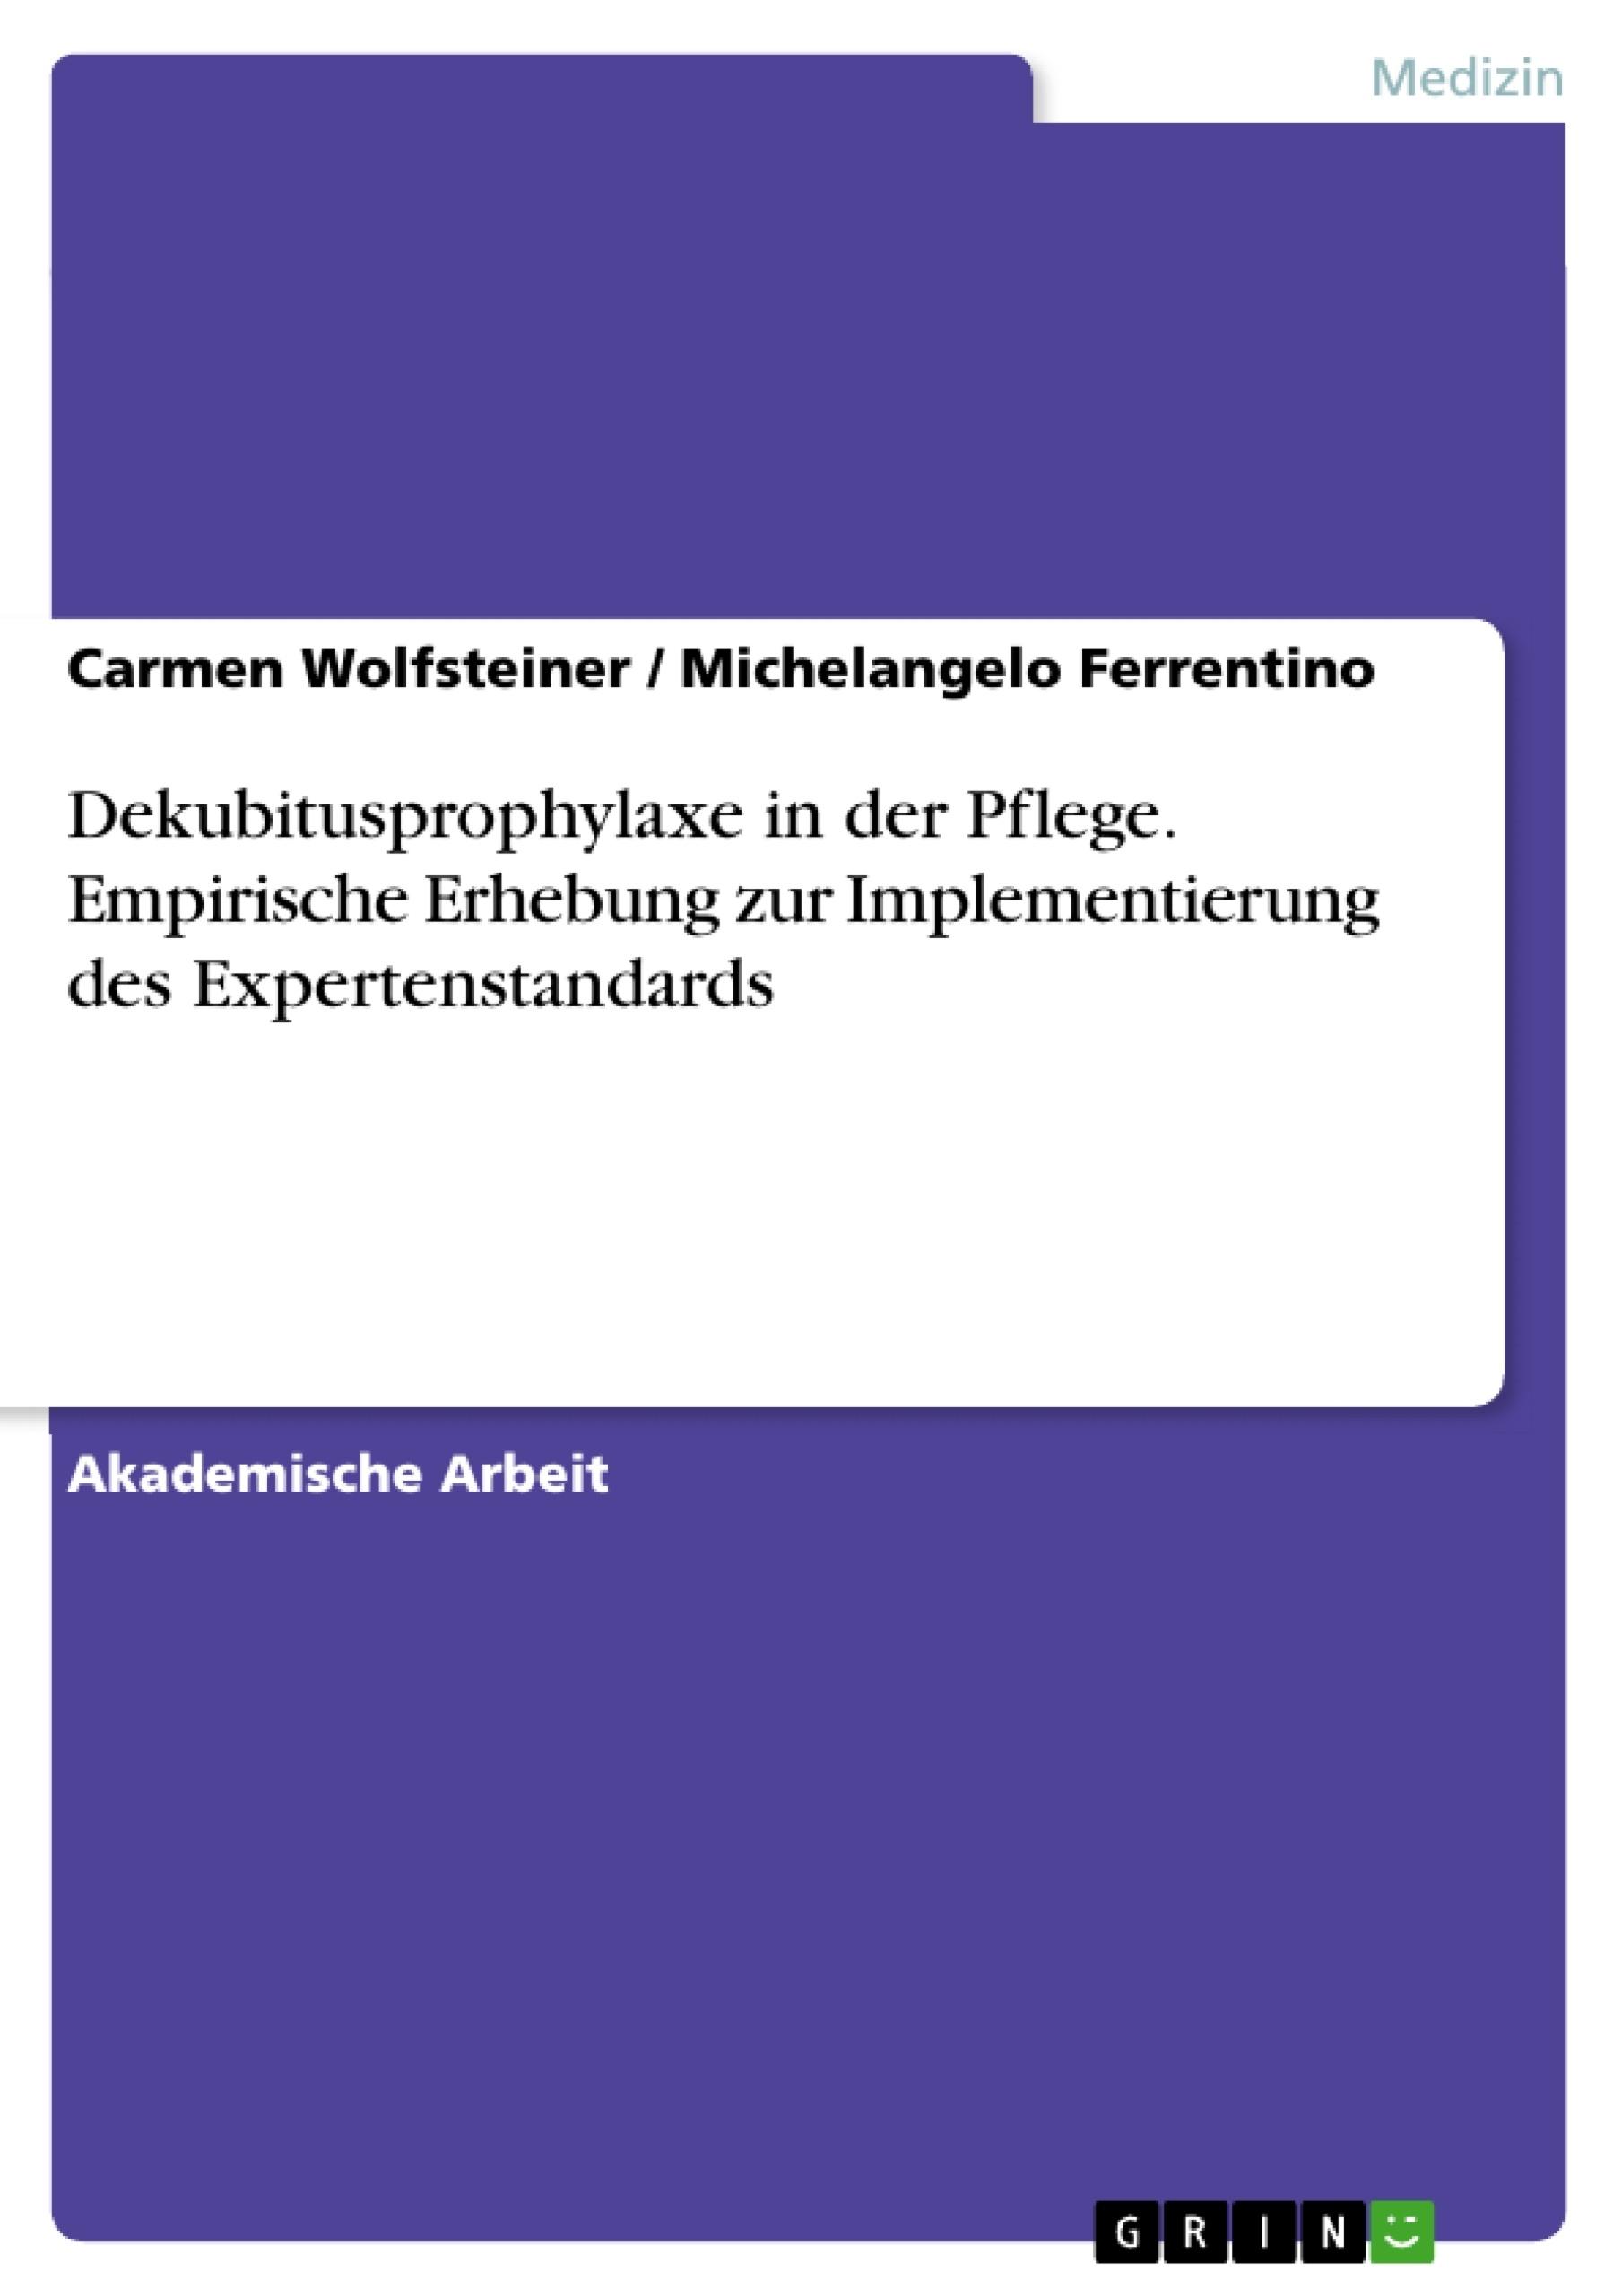 Titel: Dekubitusprophylaxe in der Pflege. Empirische Erhebung zur Implementierung des Expertenstandards